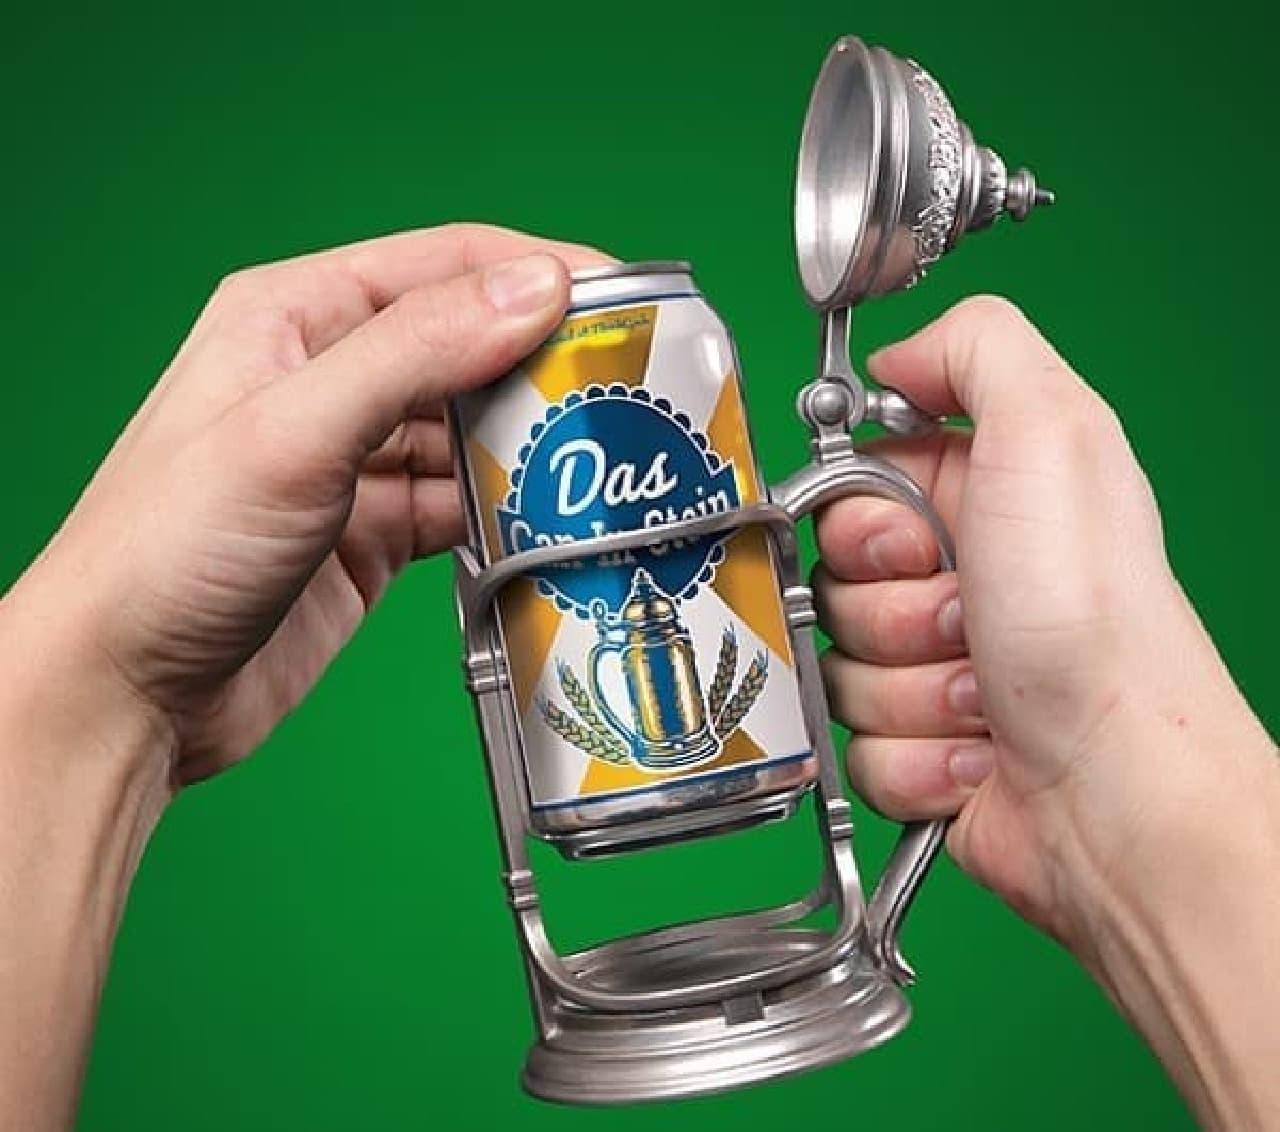 ビール缶を「Das Can-in-Stein」に装着すれば